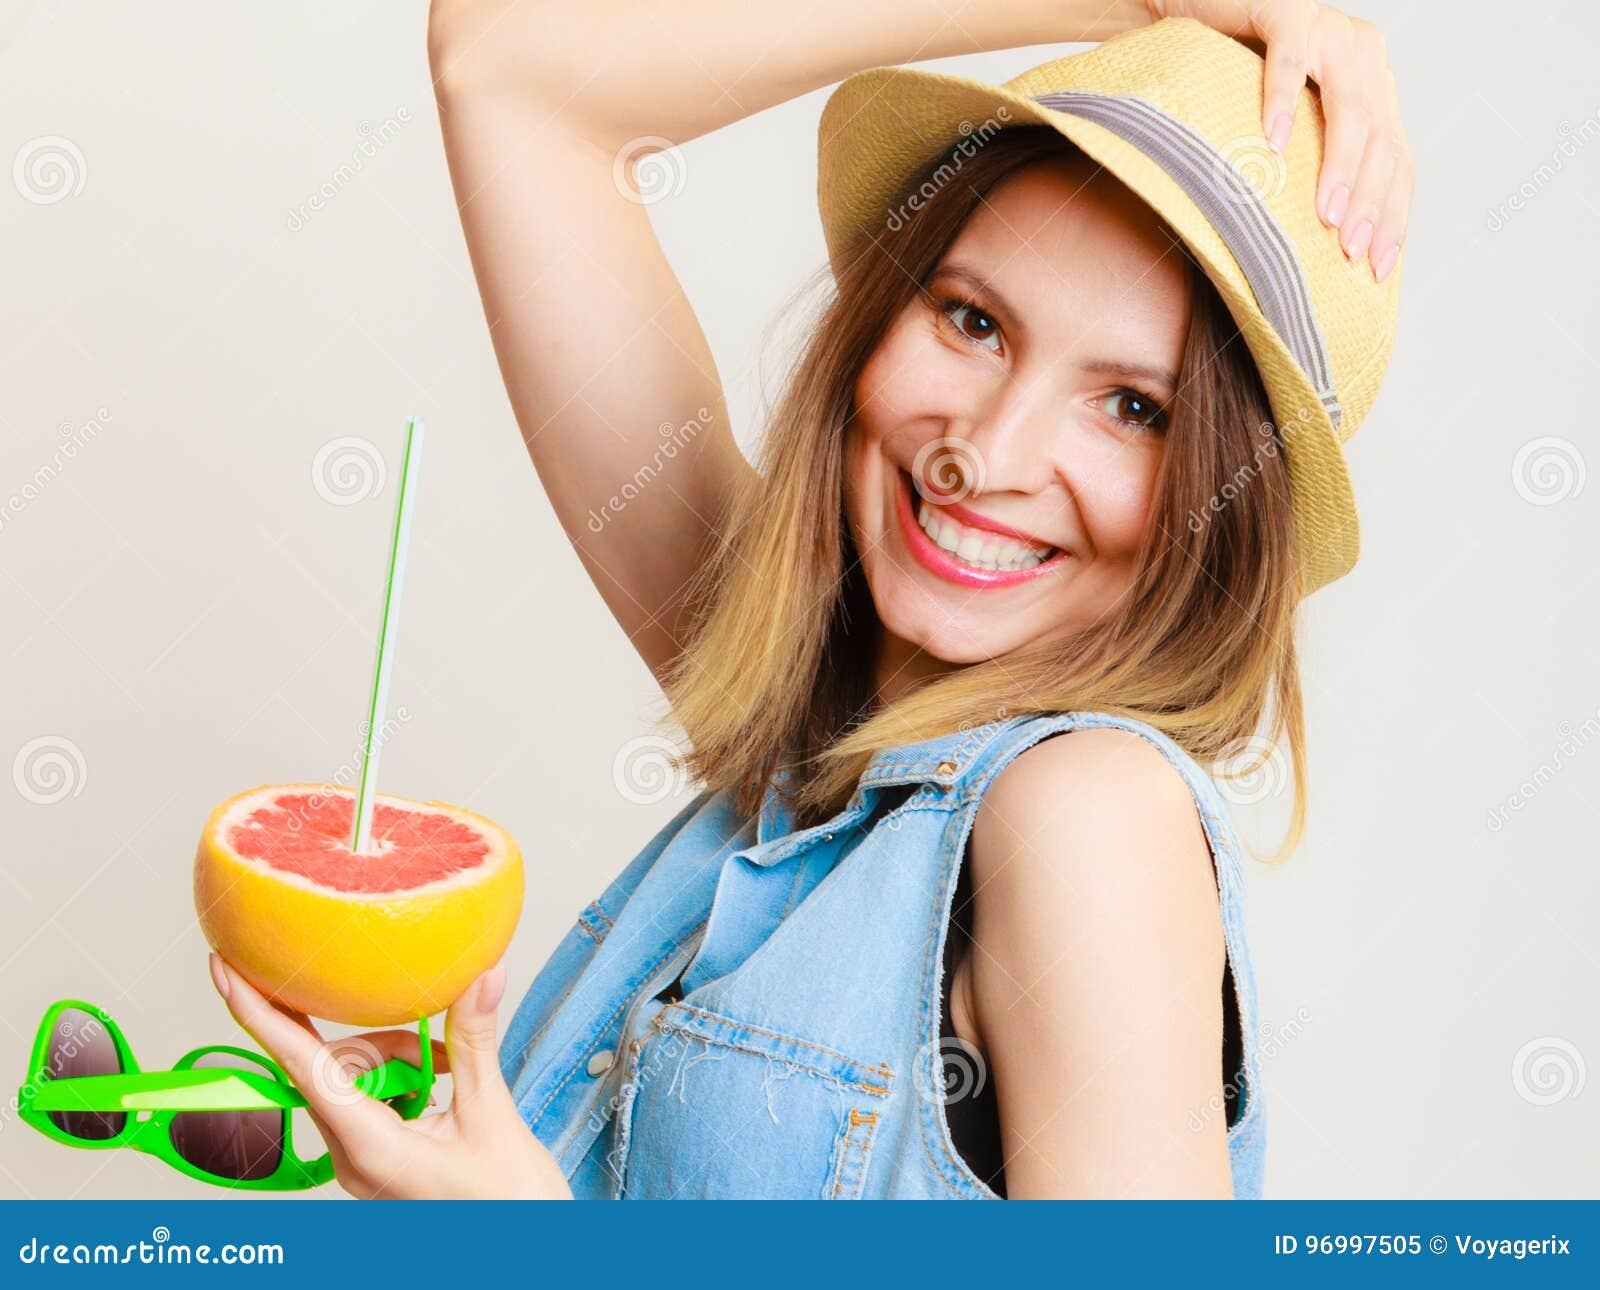 Лето девушки фрукты